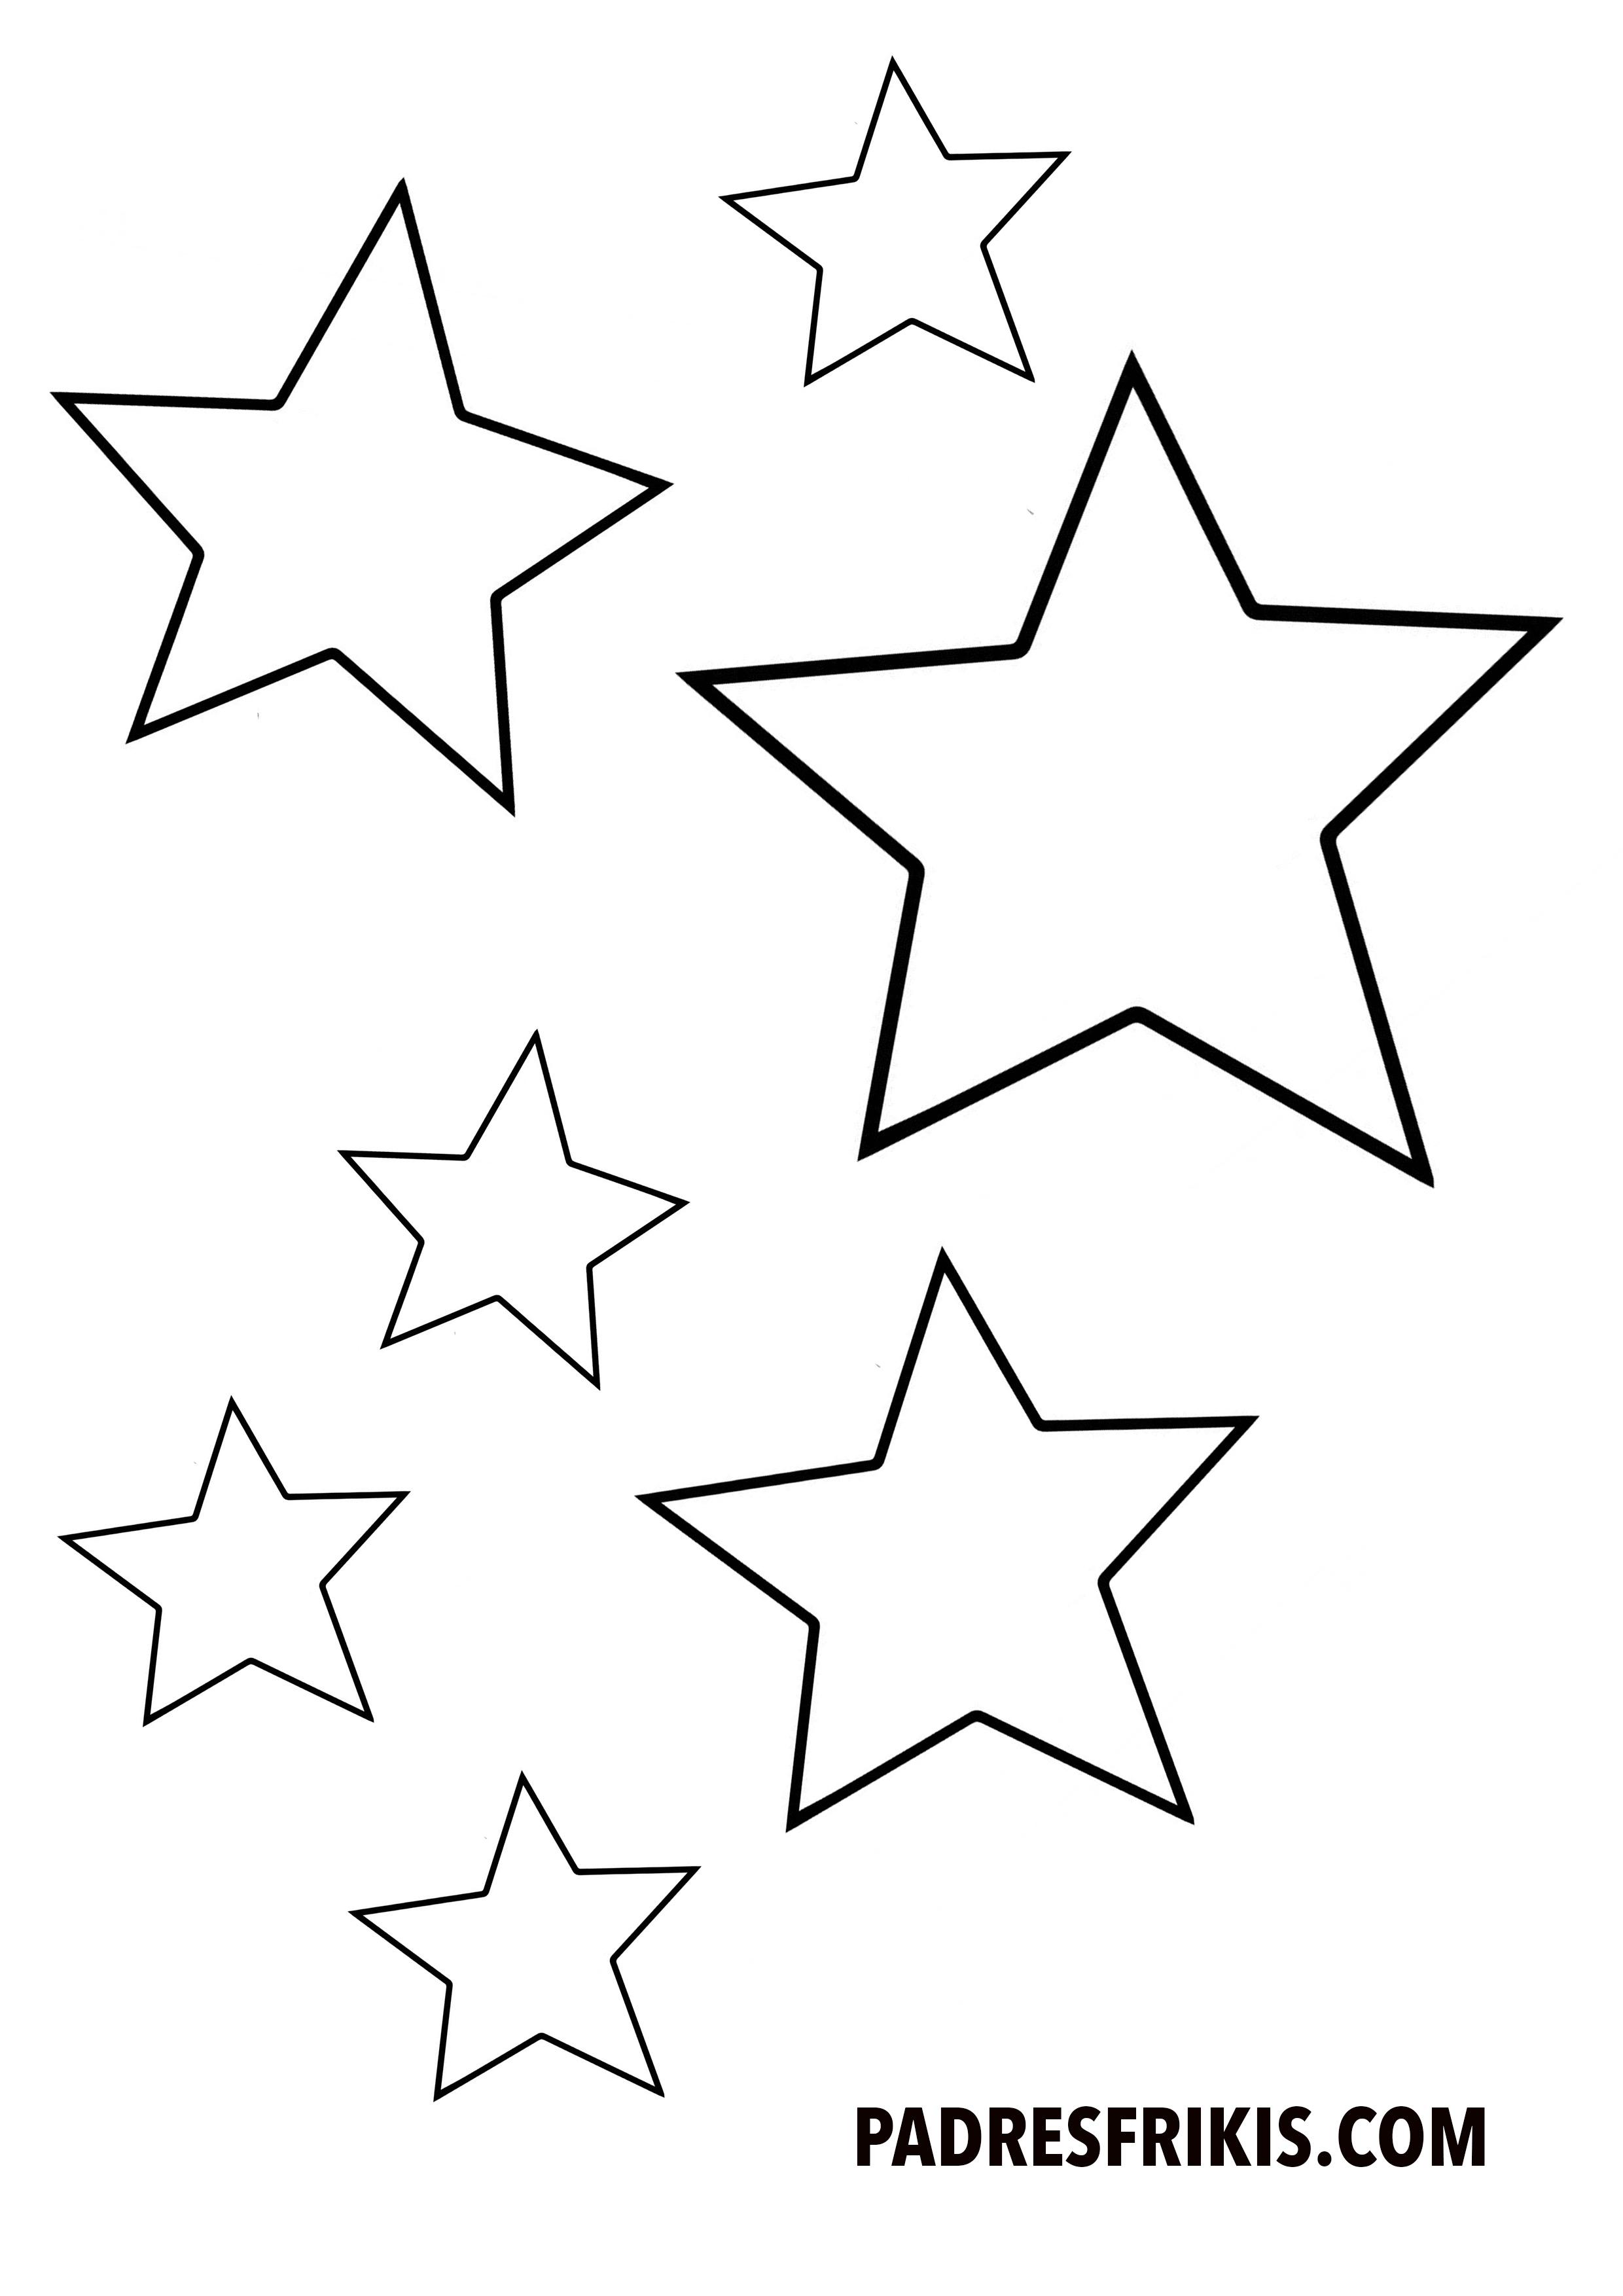 Plantillas De Estrellas Para Decorar.20 Manualidades Para Imprimir Y Hacer Con Tus Hijos